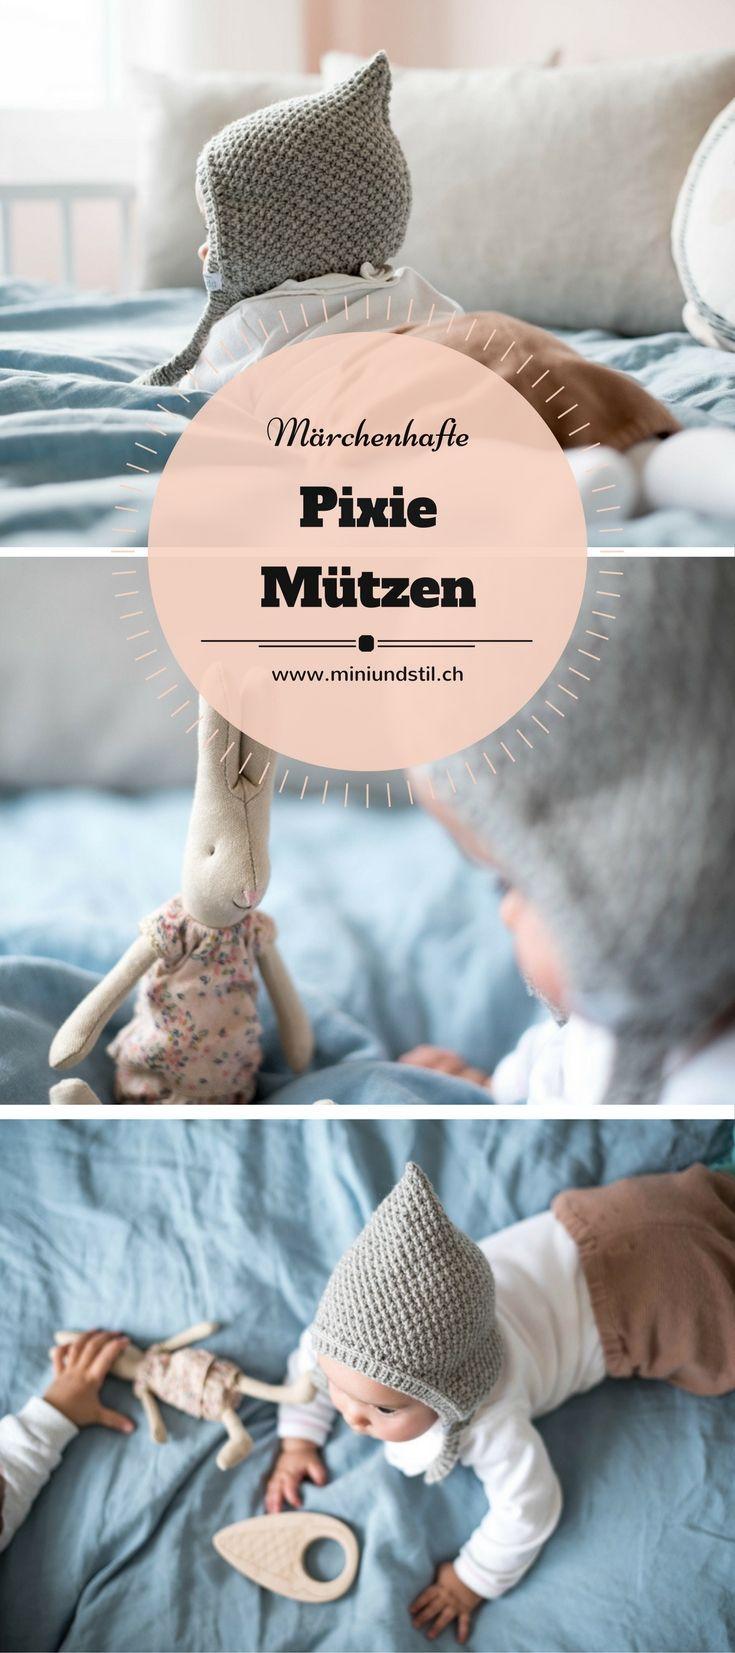 Photo of Märchenhafte Pixie Mützen für kalte Tage – Mini & Stil